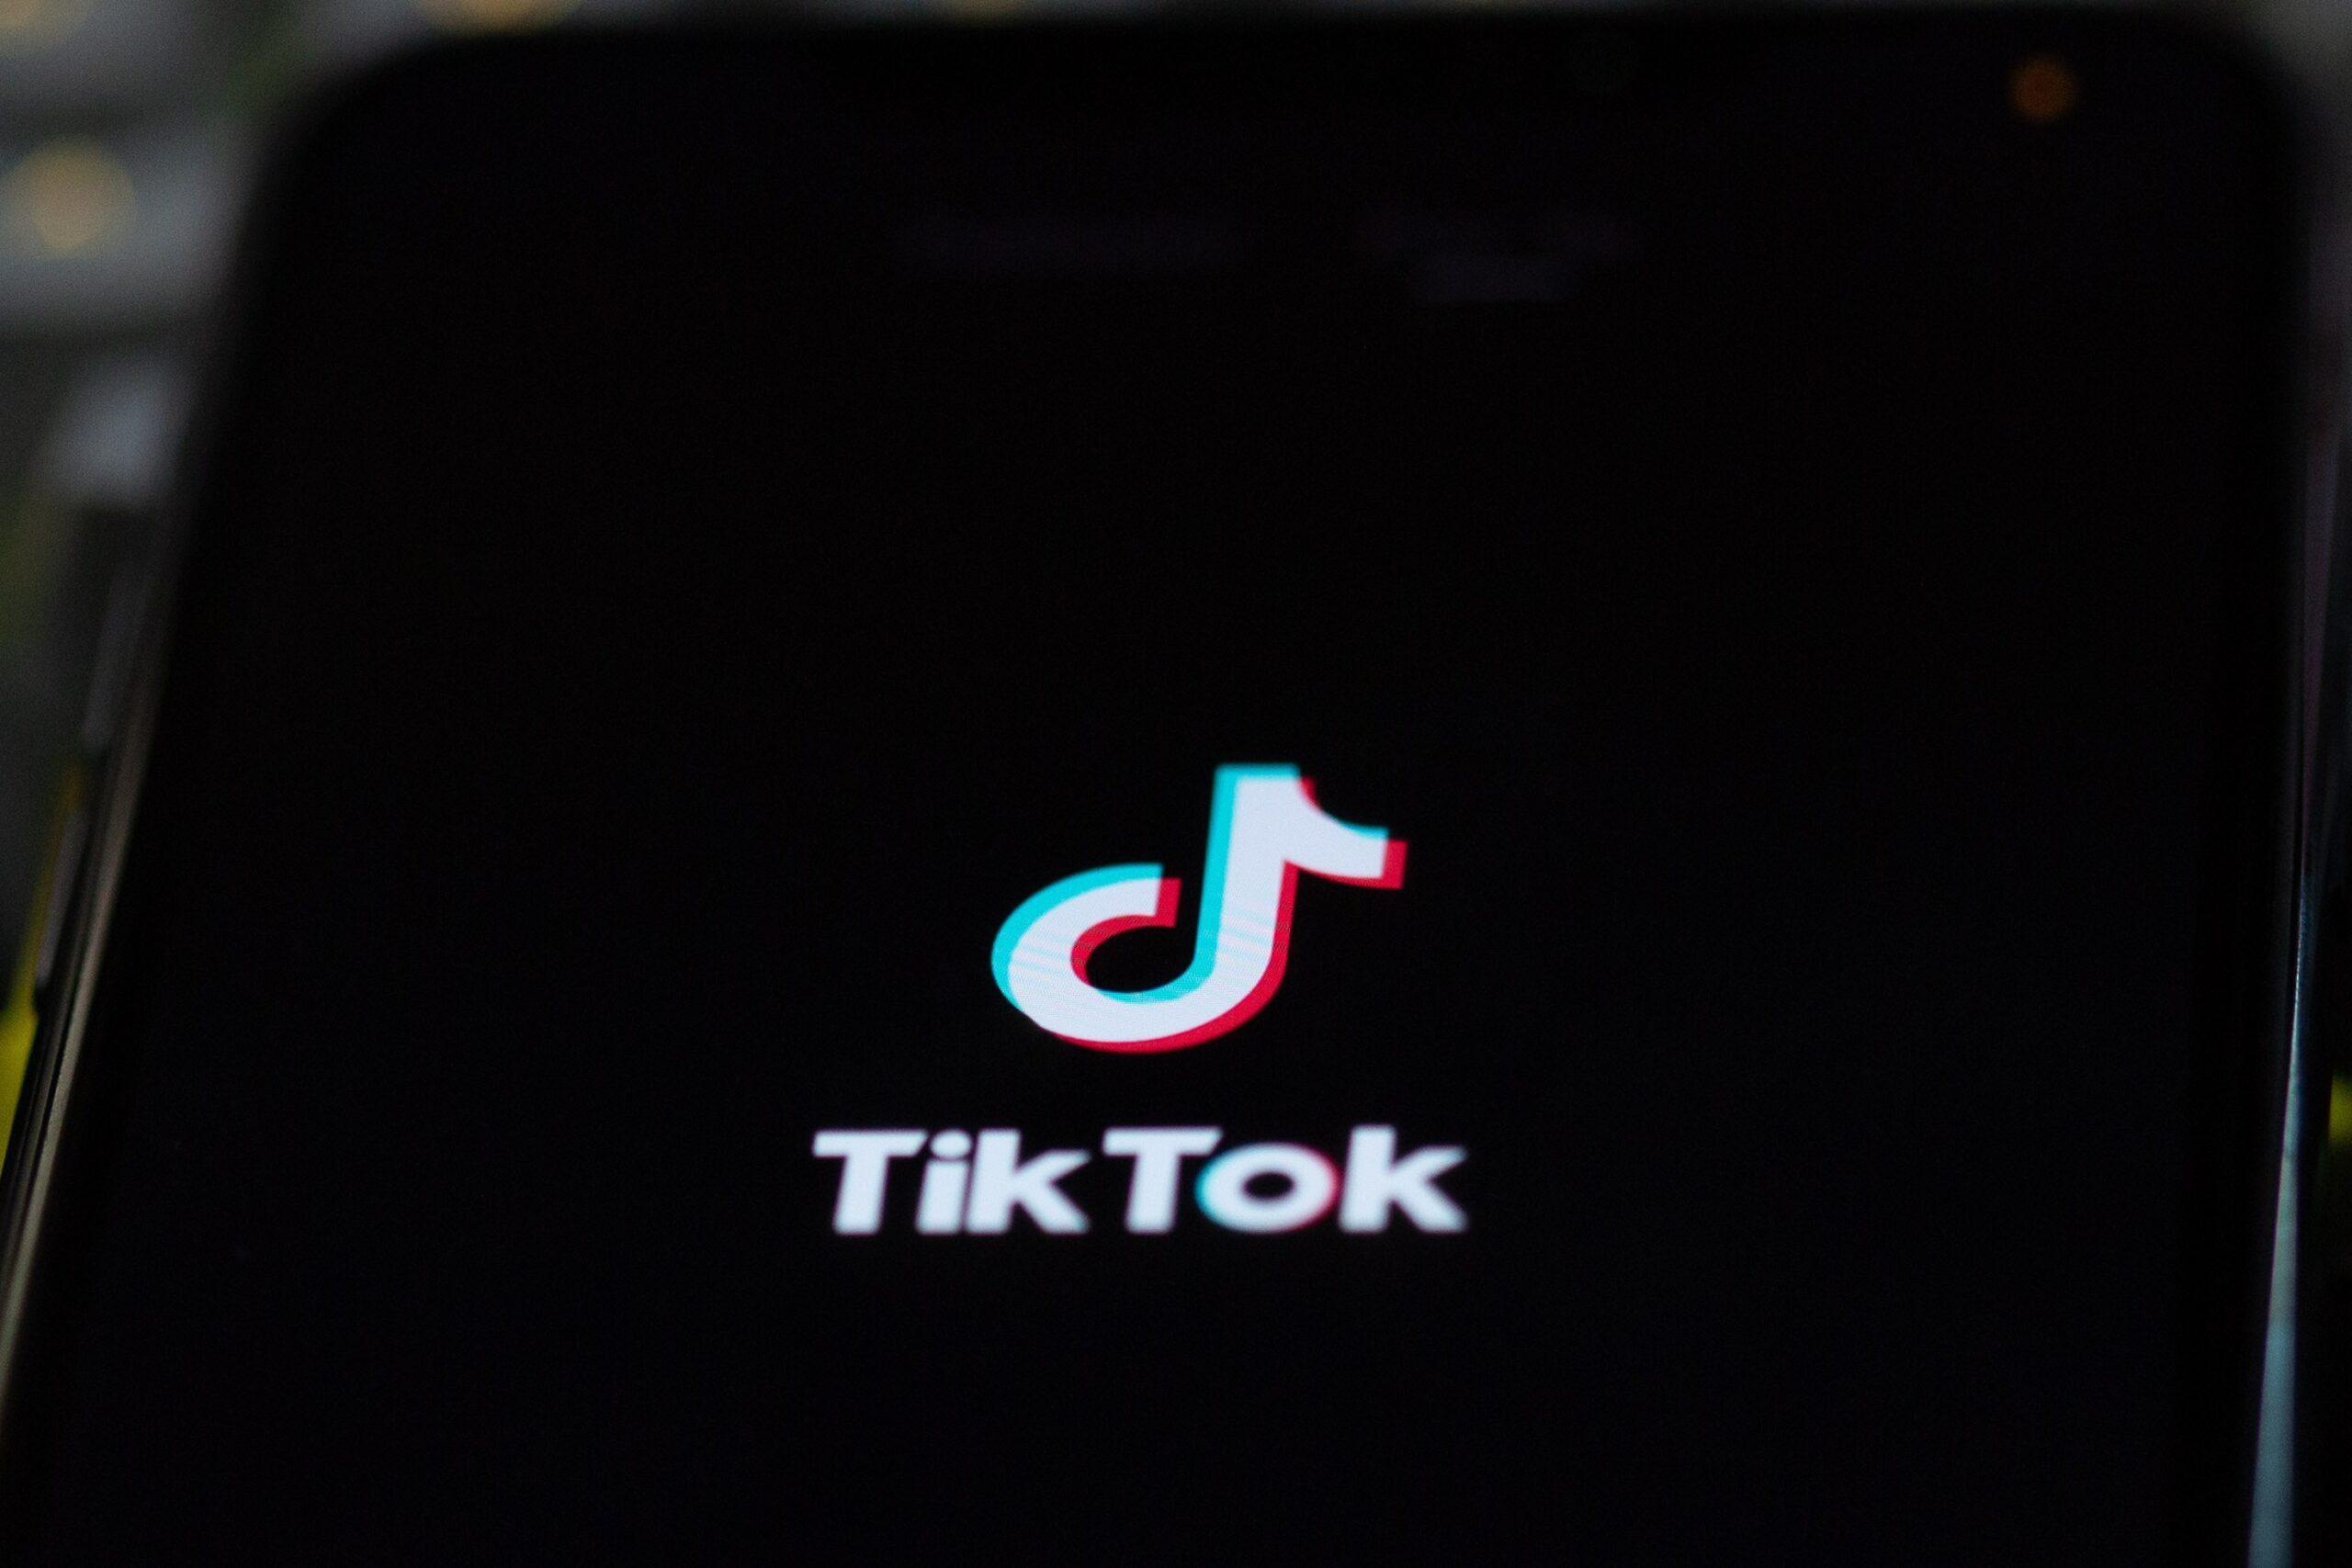 TikTokのマーク